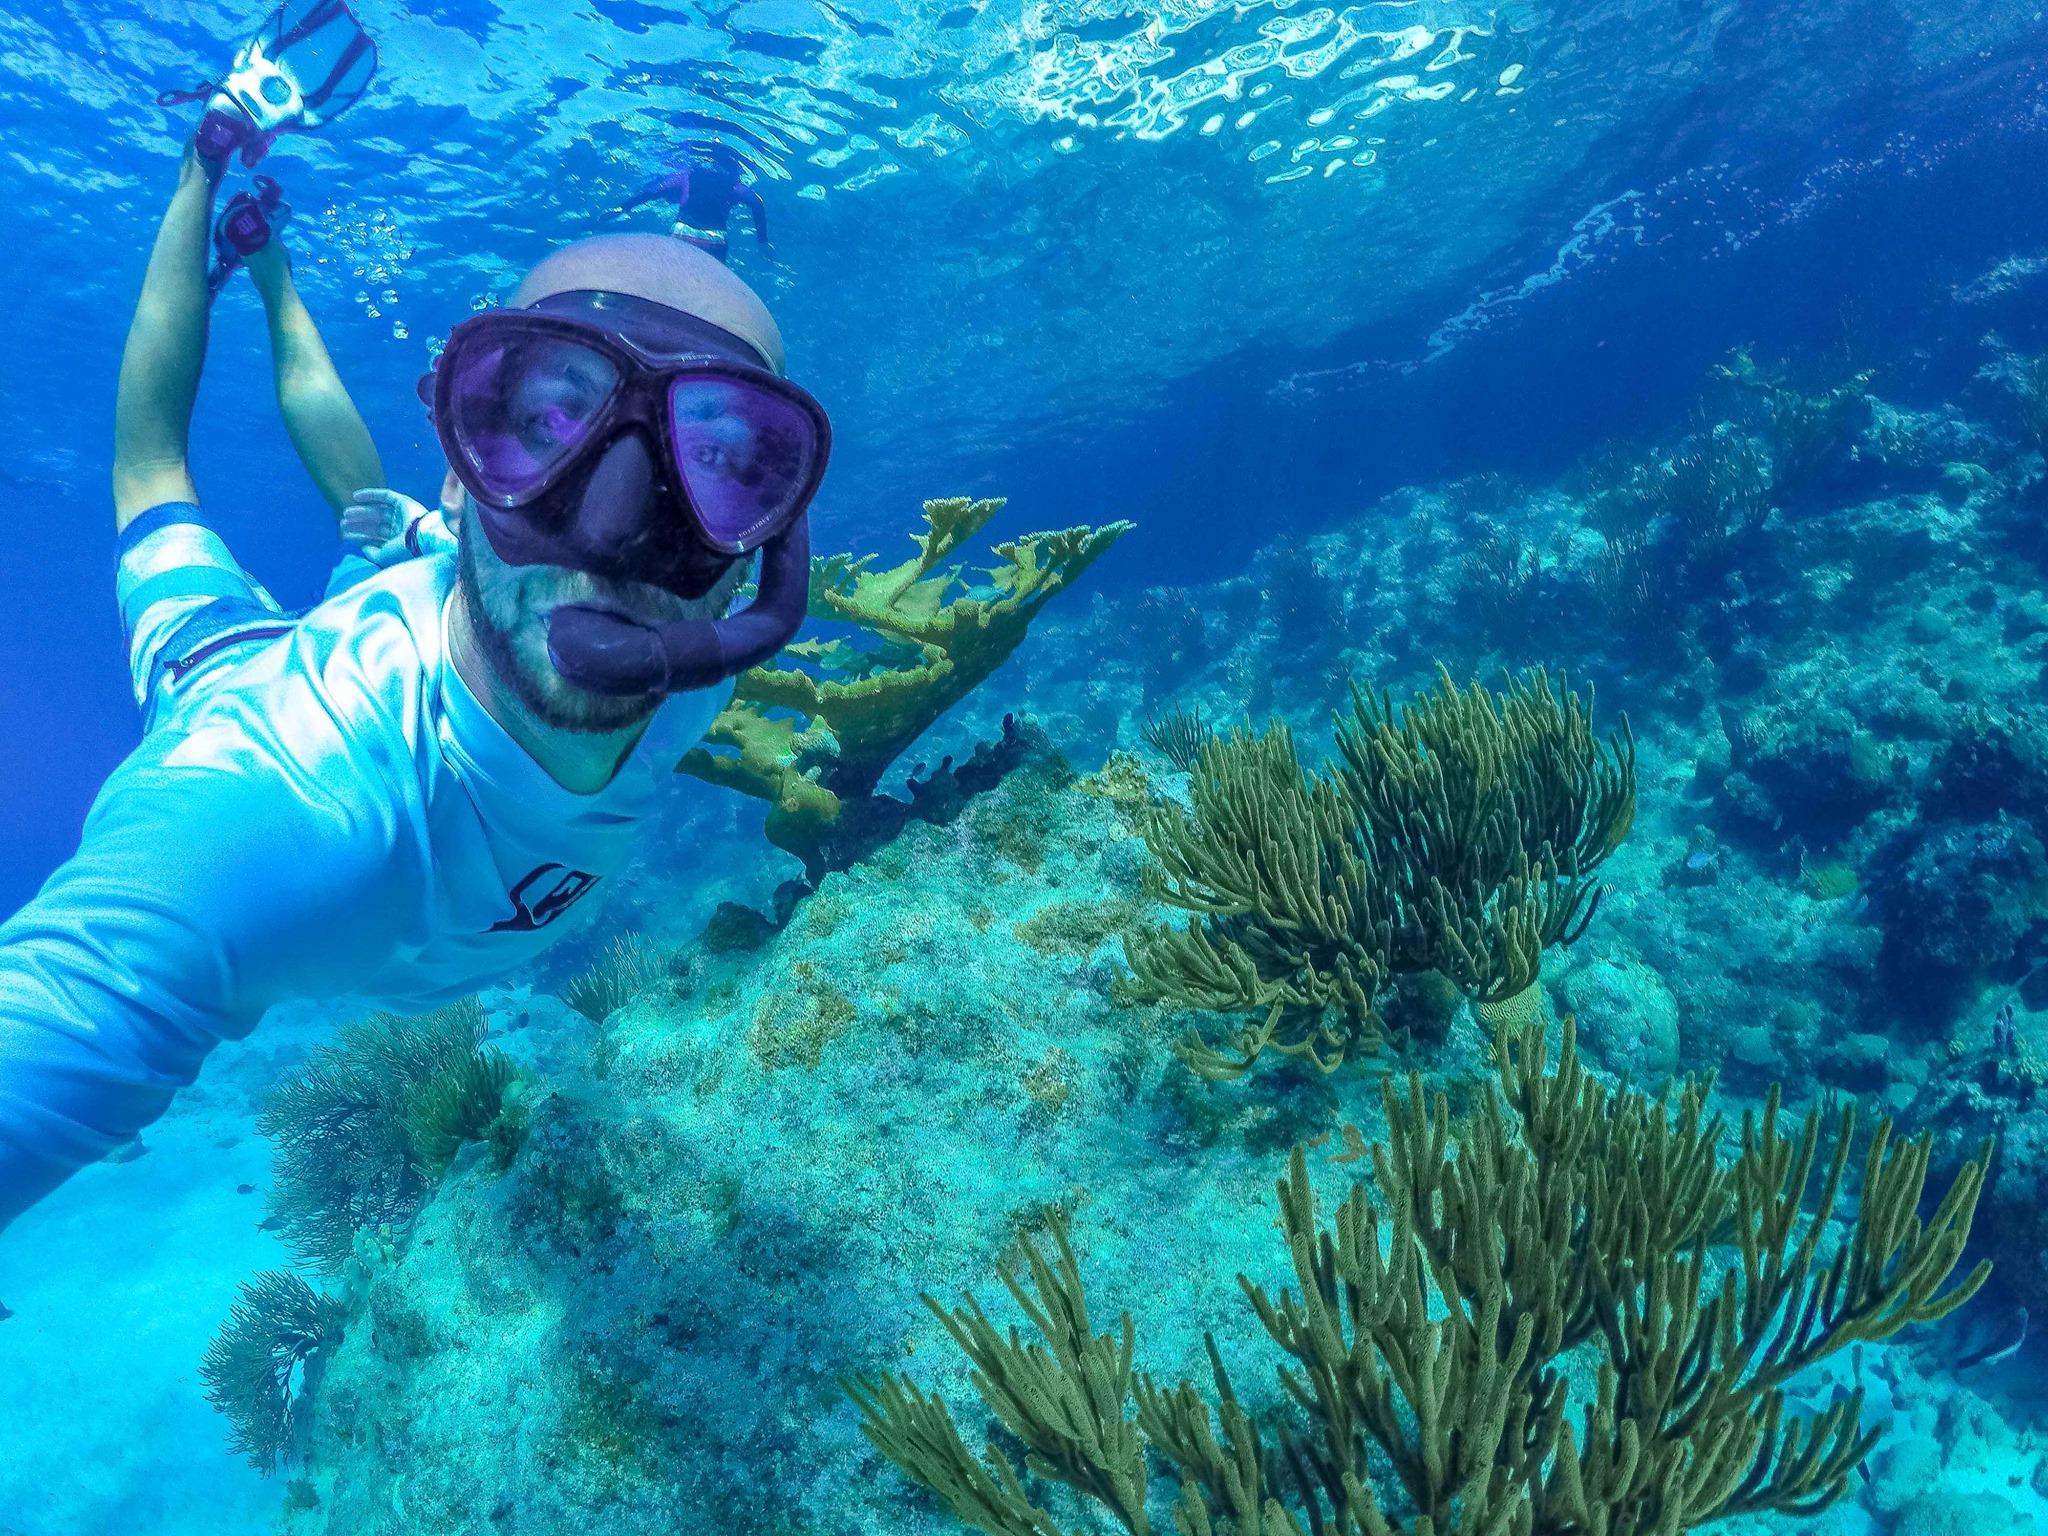 snorkel, underwater world, sea